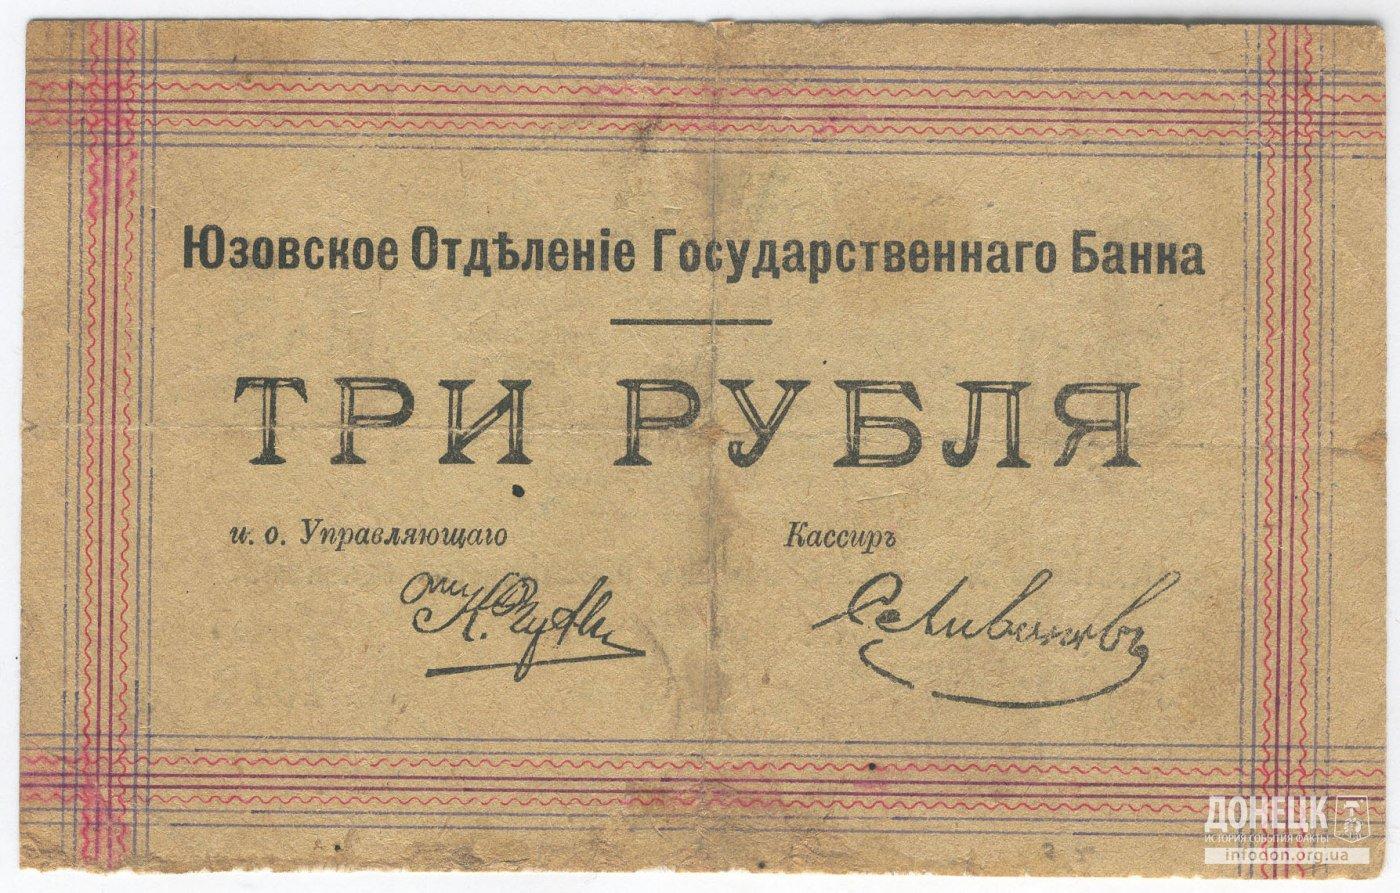 Купюра в 3 рубля, выпущенная Юзовским отделением Государственного банка в 1918 году. Аверс